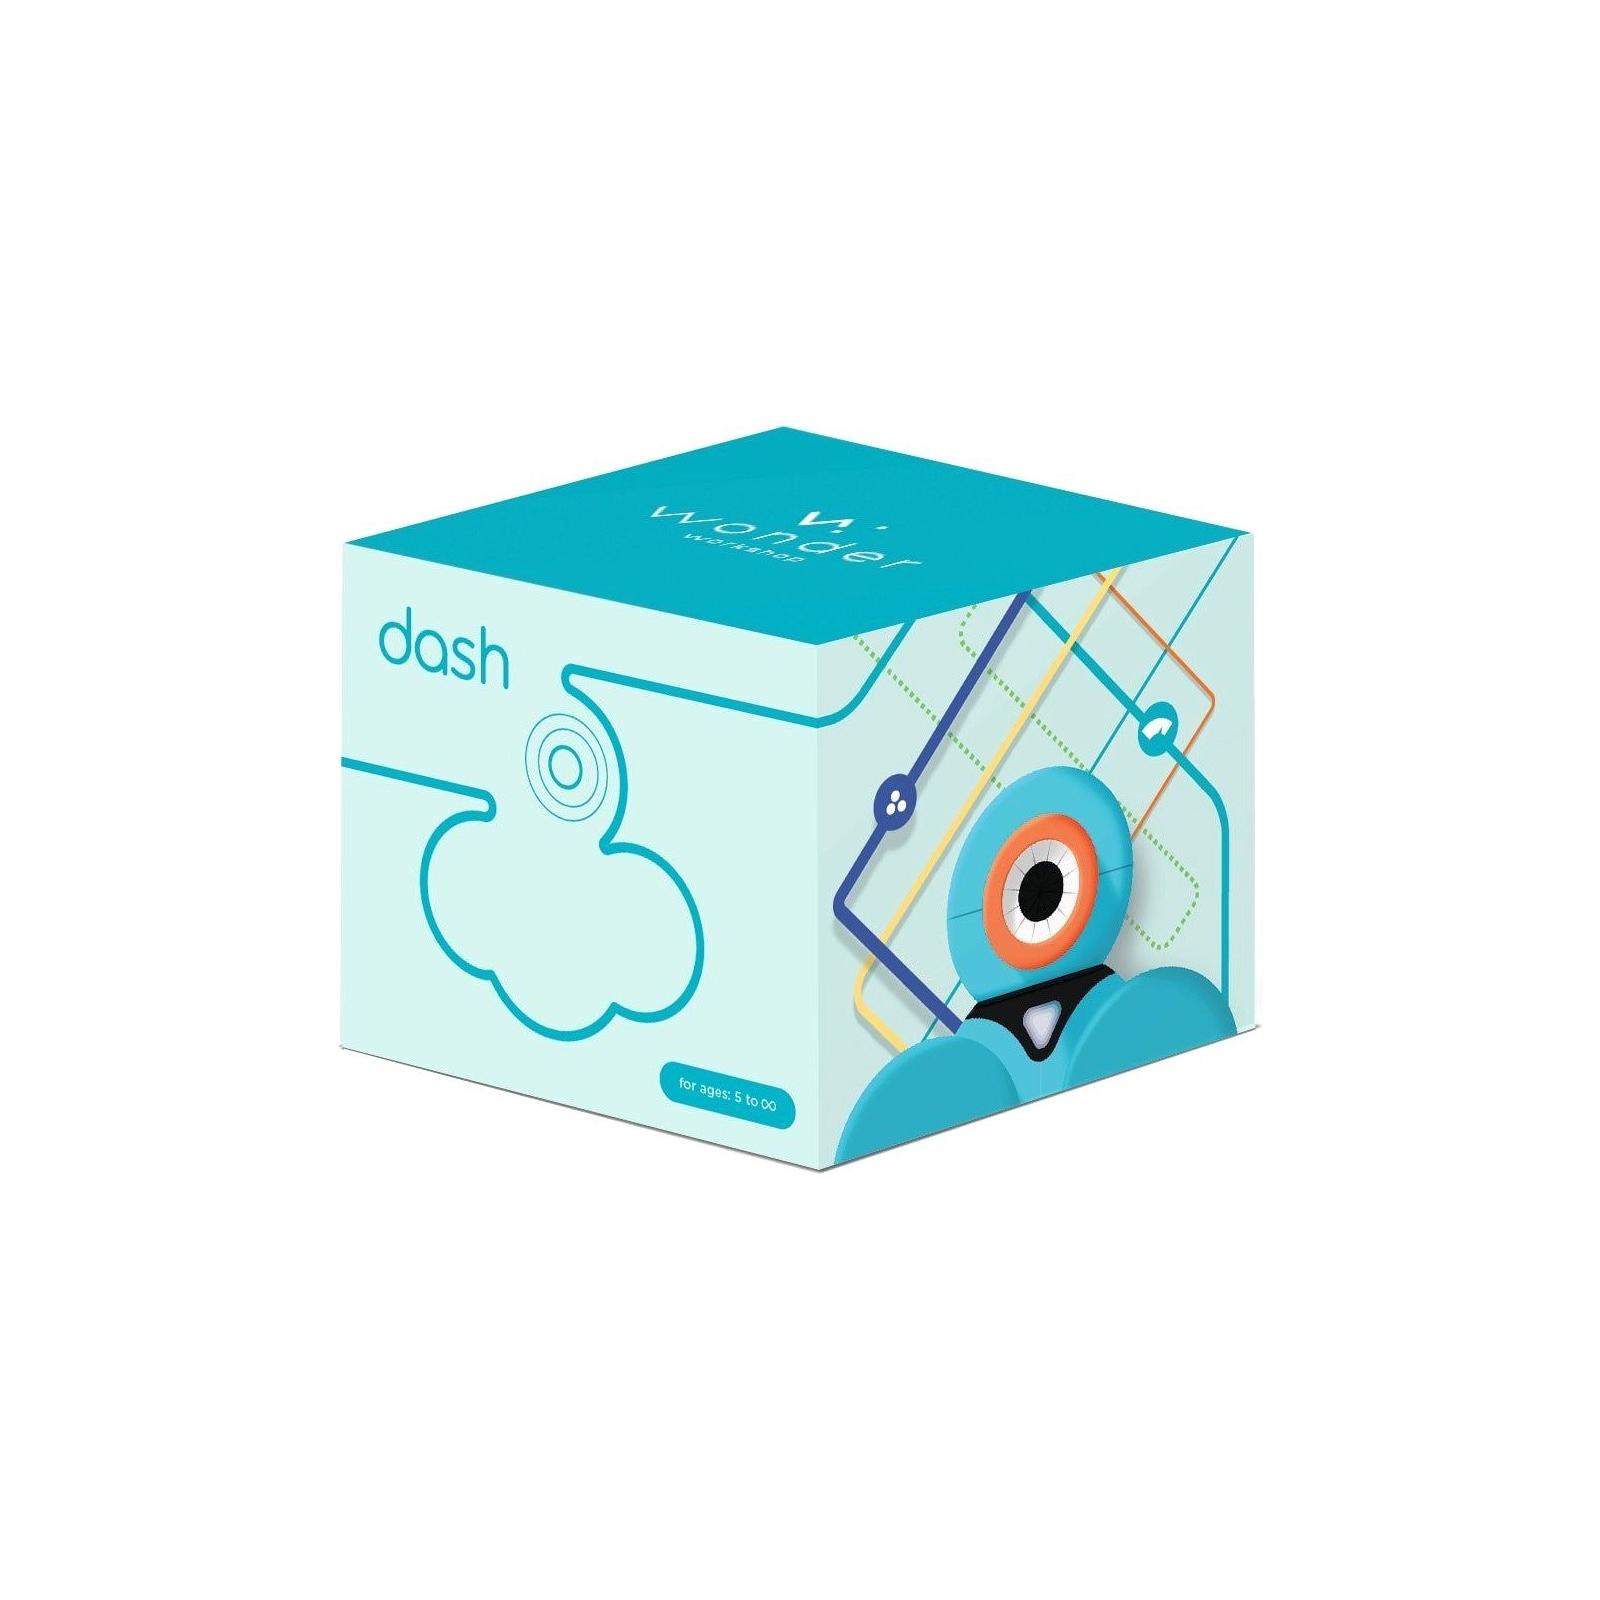 Робот Wonder Workshop Dash (1-DA01-05) изображение 9